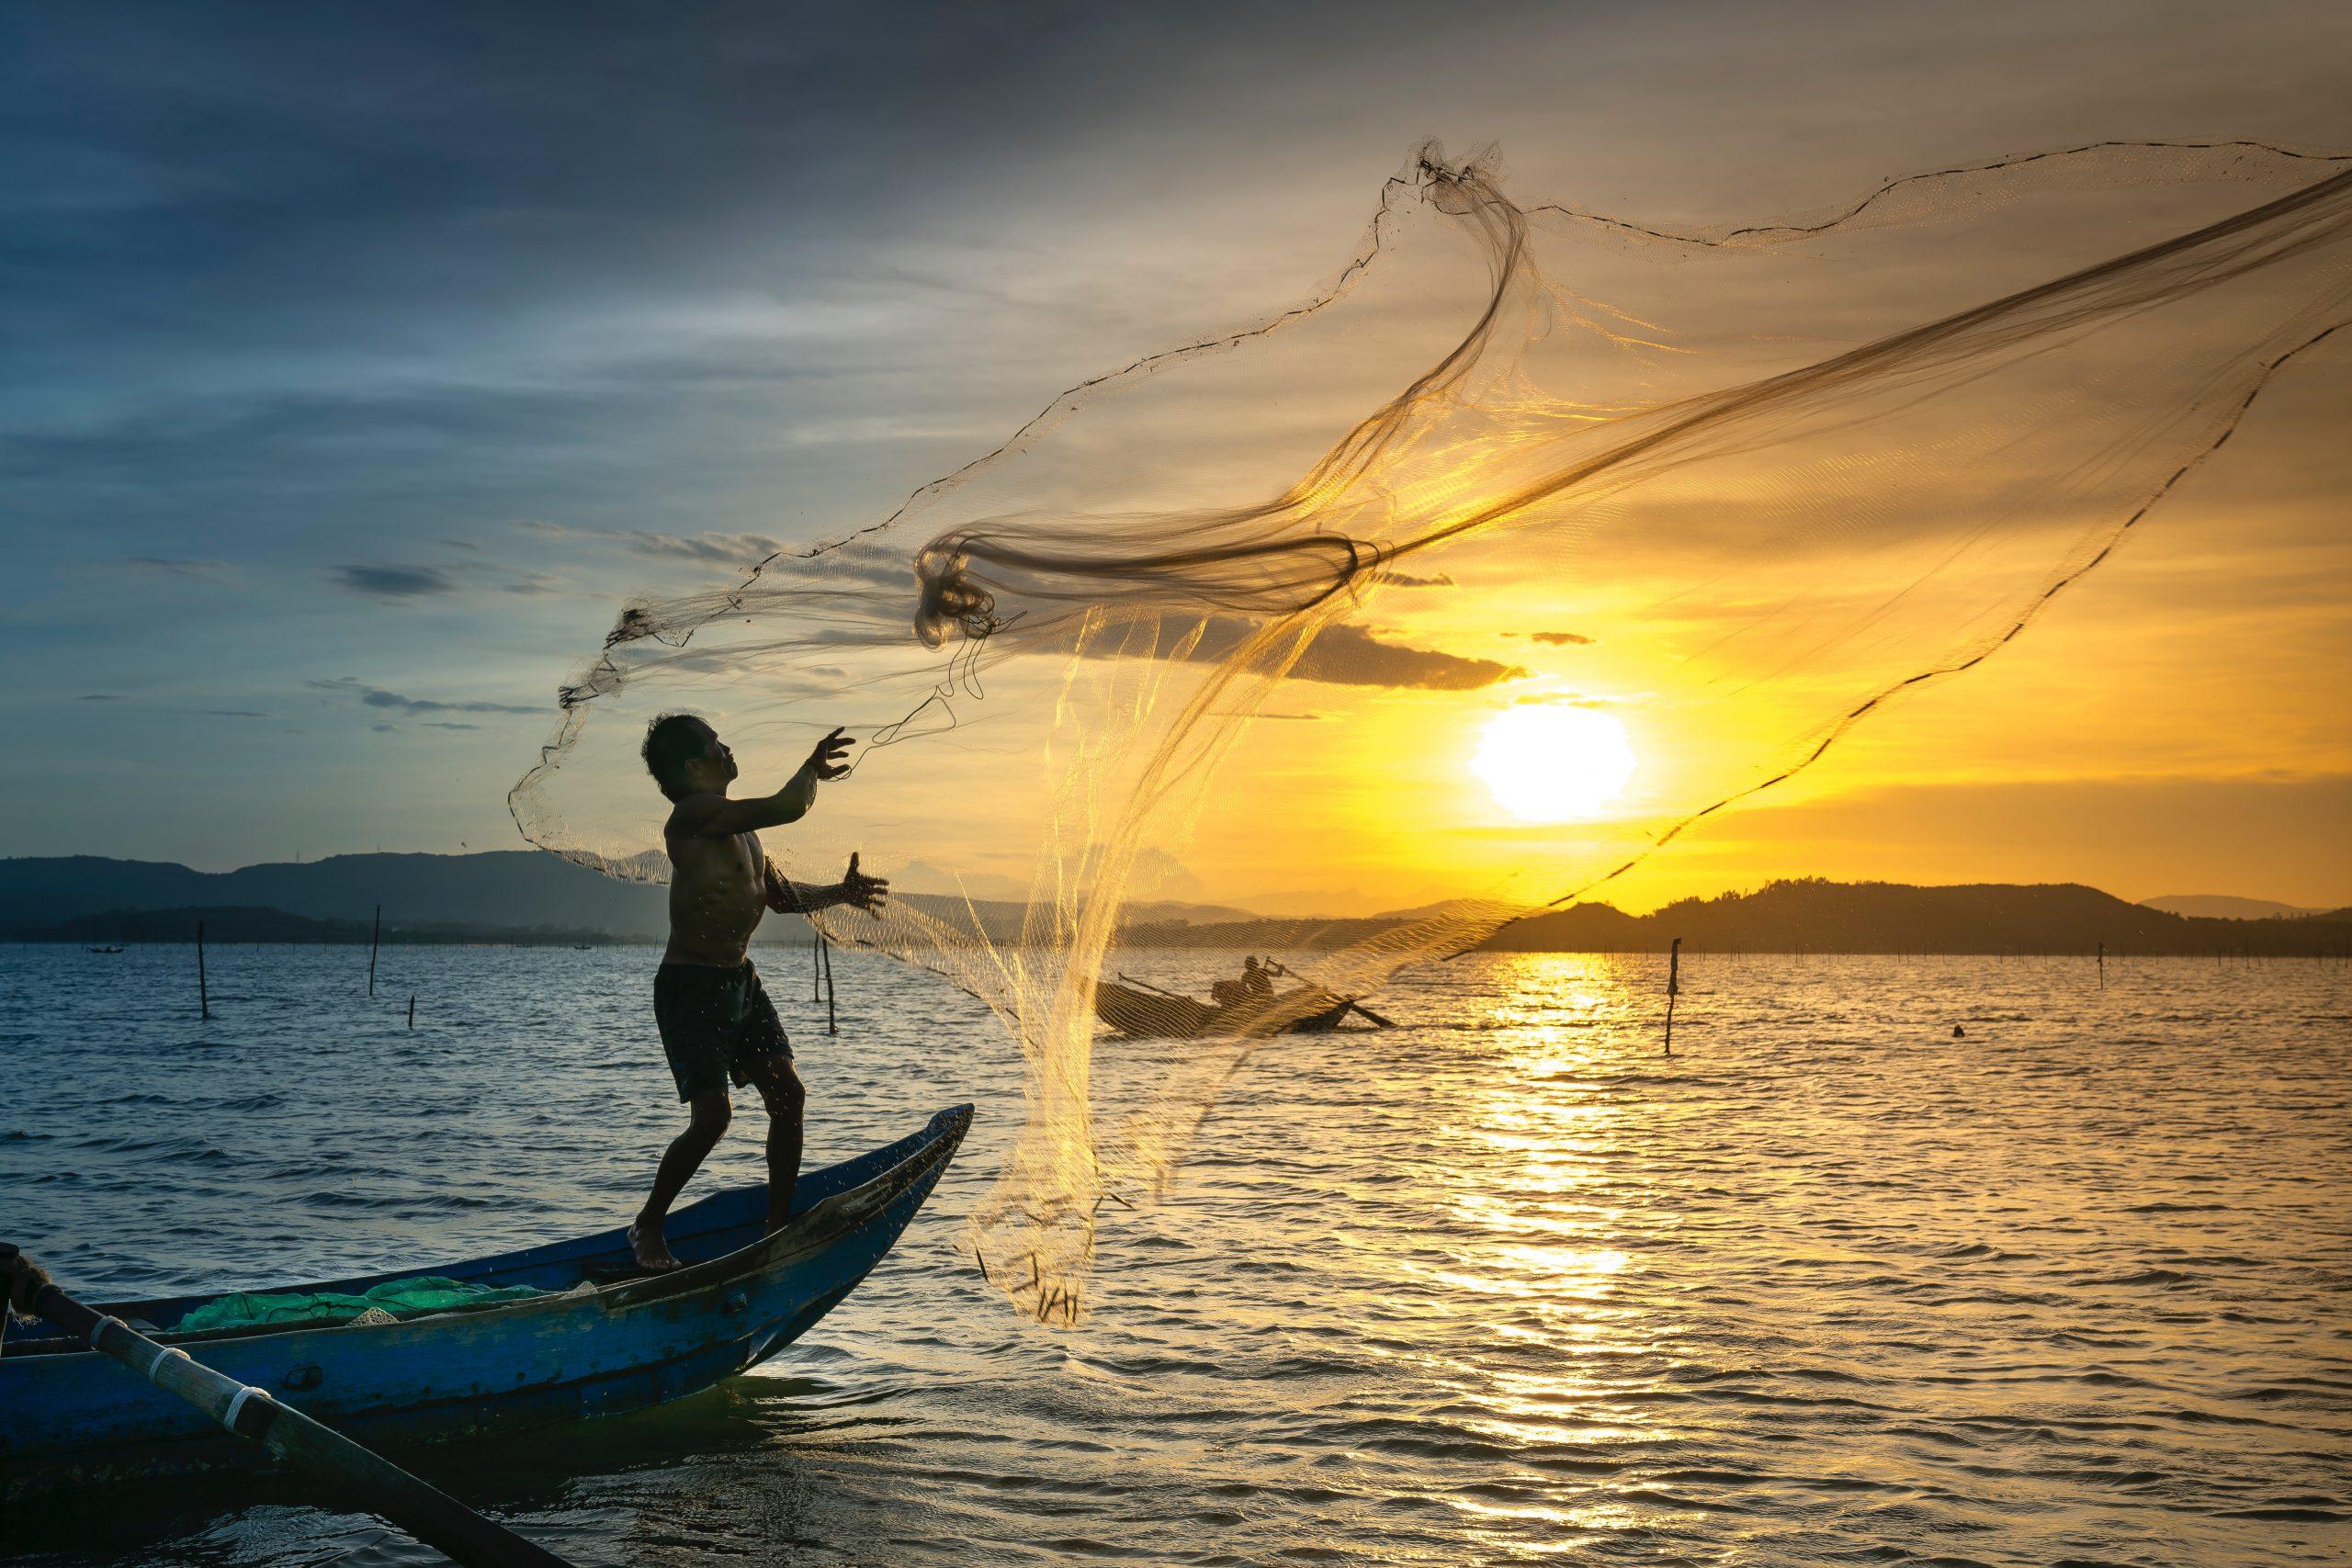 Homem em cima do barco jogando a rede de pesca no mar